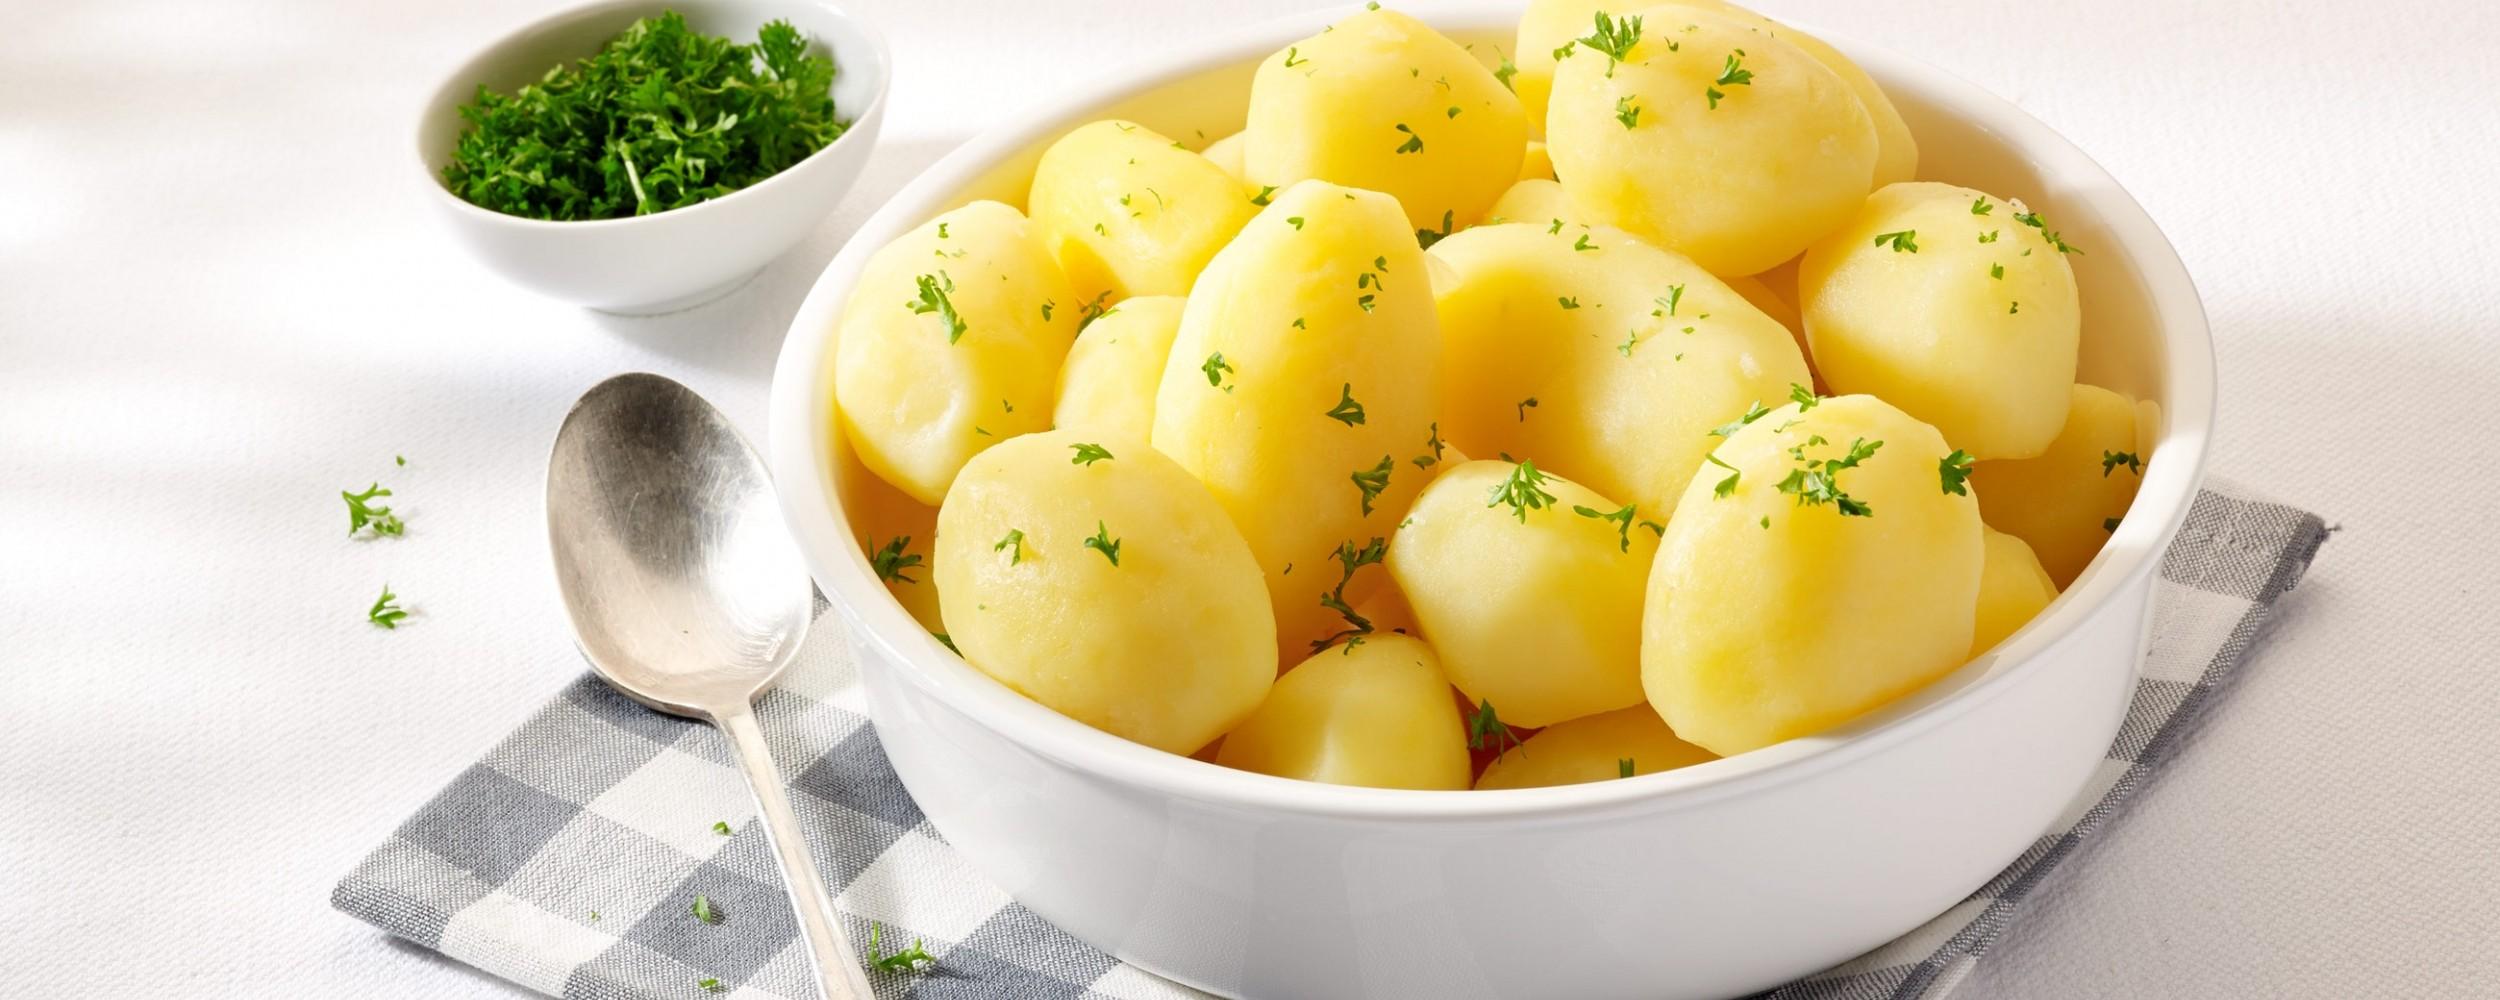 Aardappelen grof